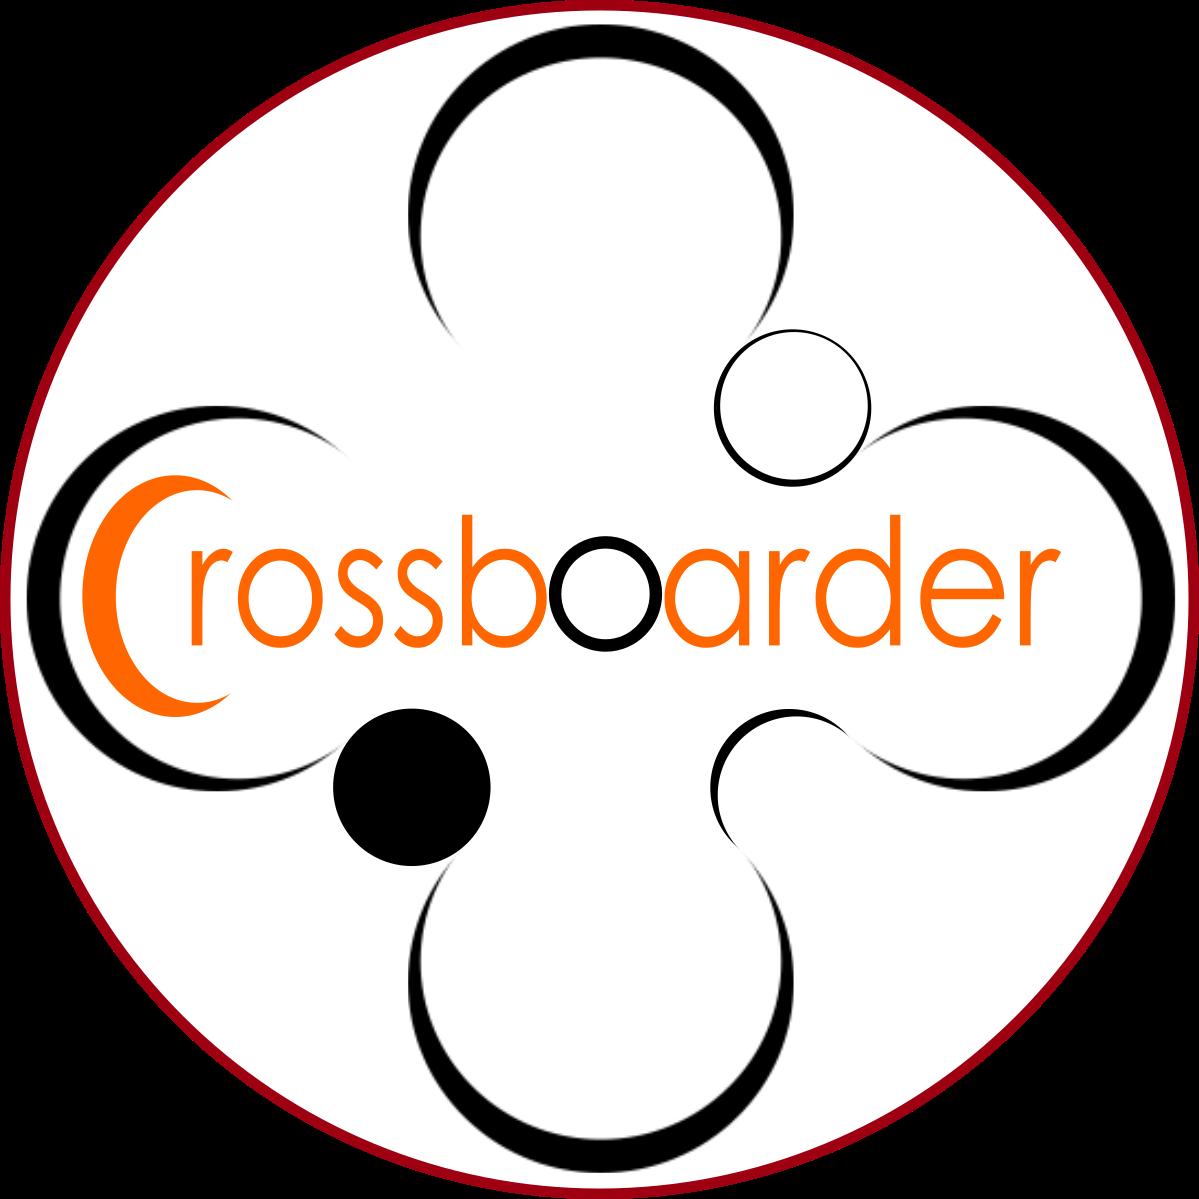 Crossboarder Caster Board